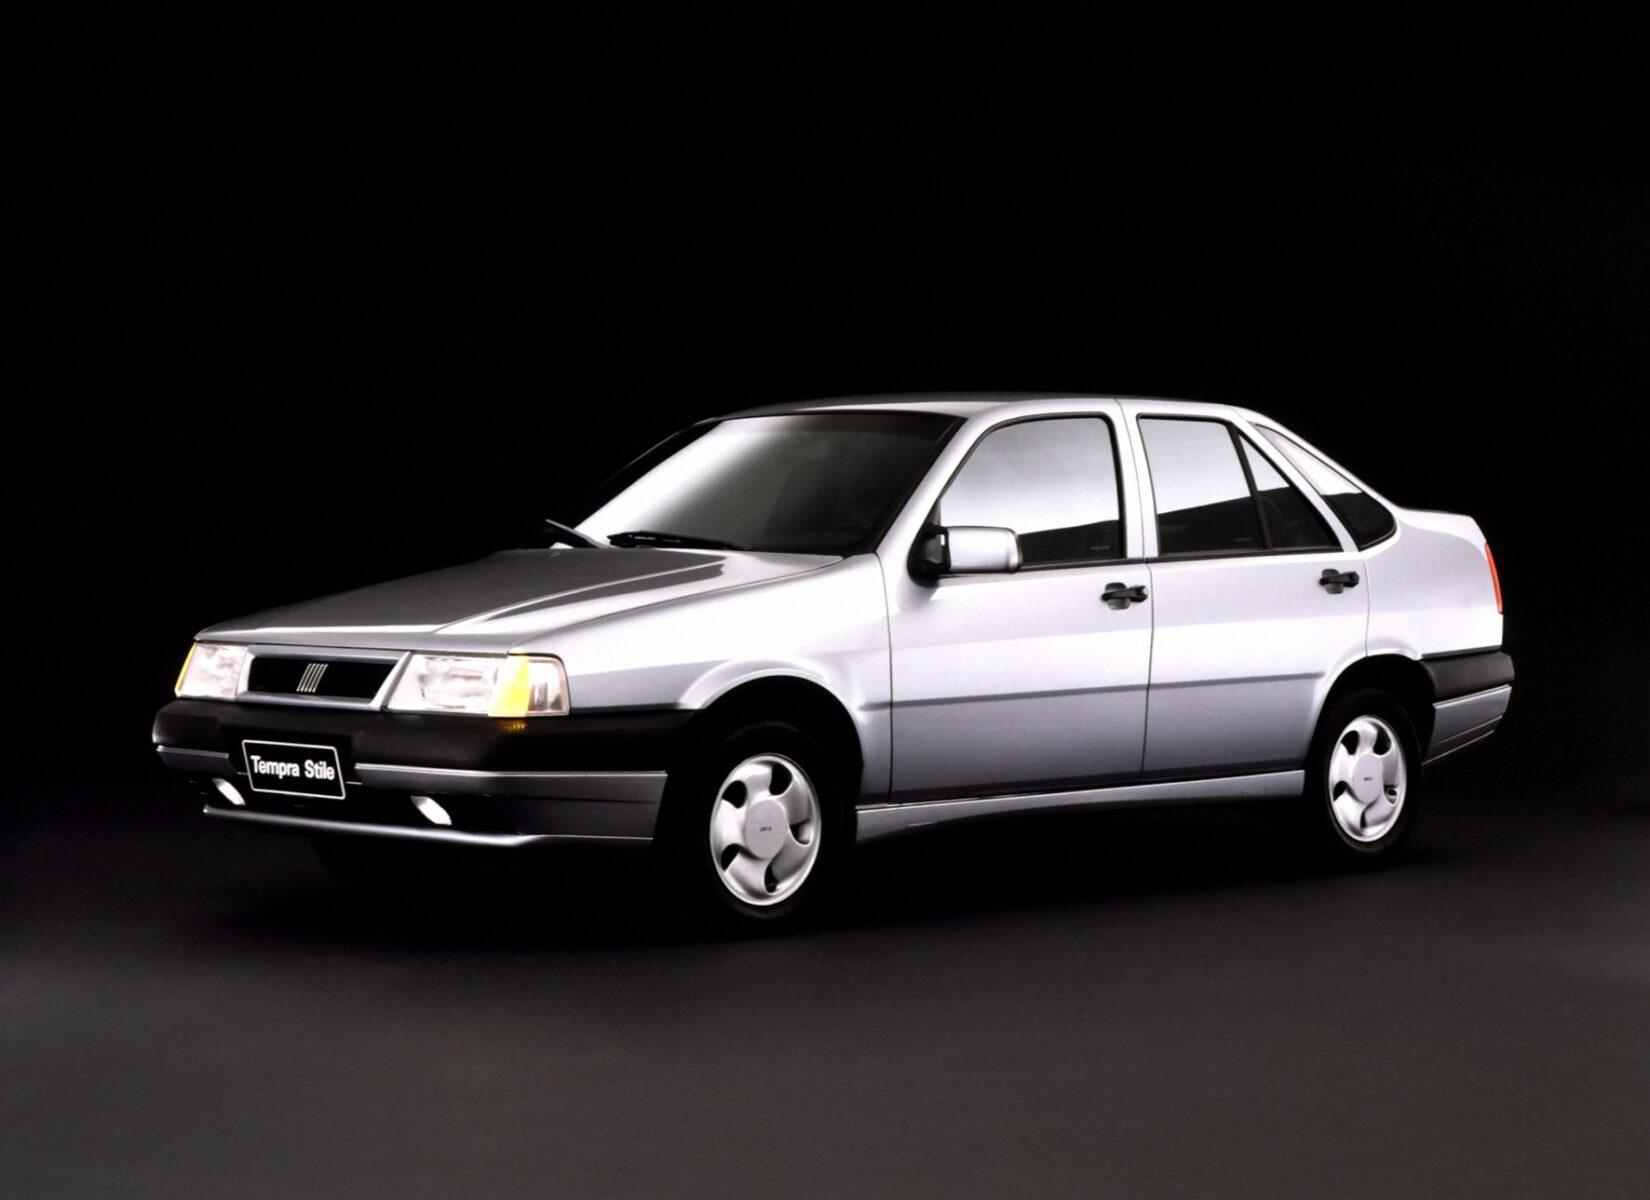 fiat tempra stile turbo 1995 cinza lateral